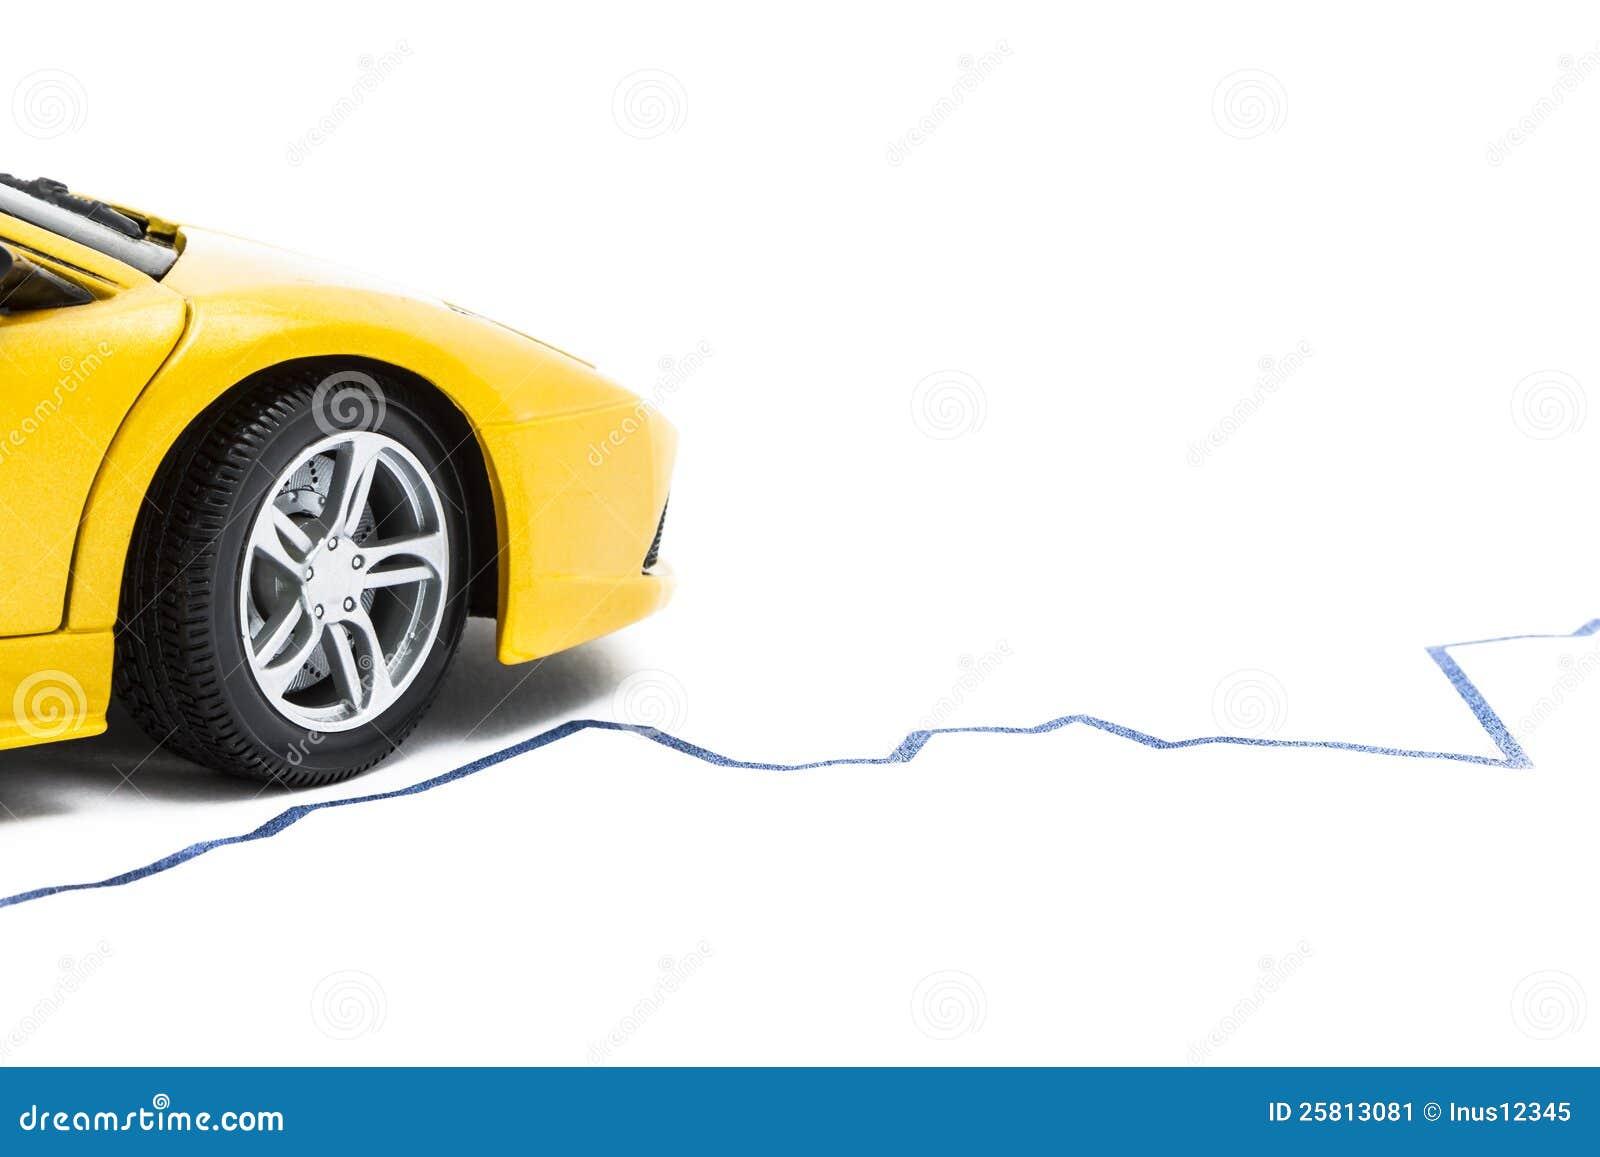 Tolle Diagramm Der Unterseite Des Autos Galerie - Schaltplan Serie ...